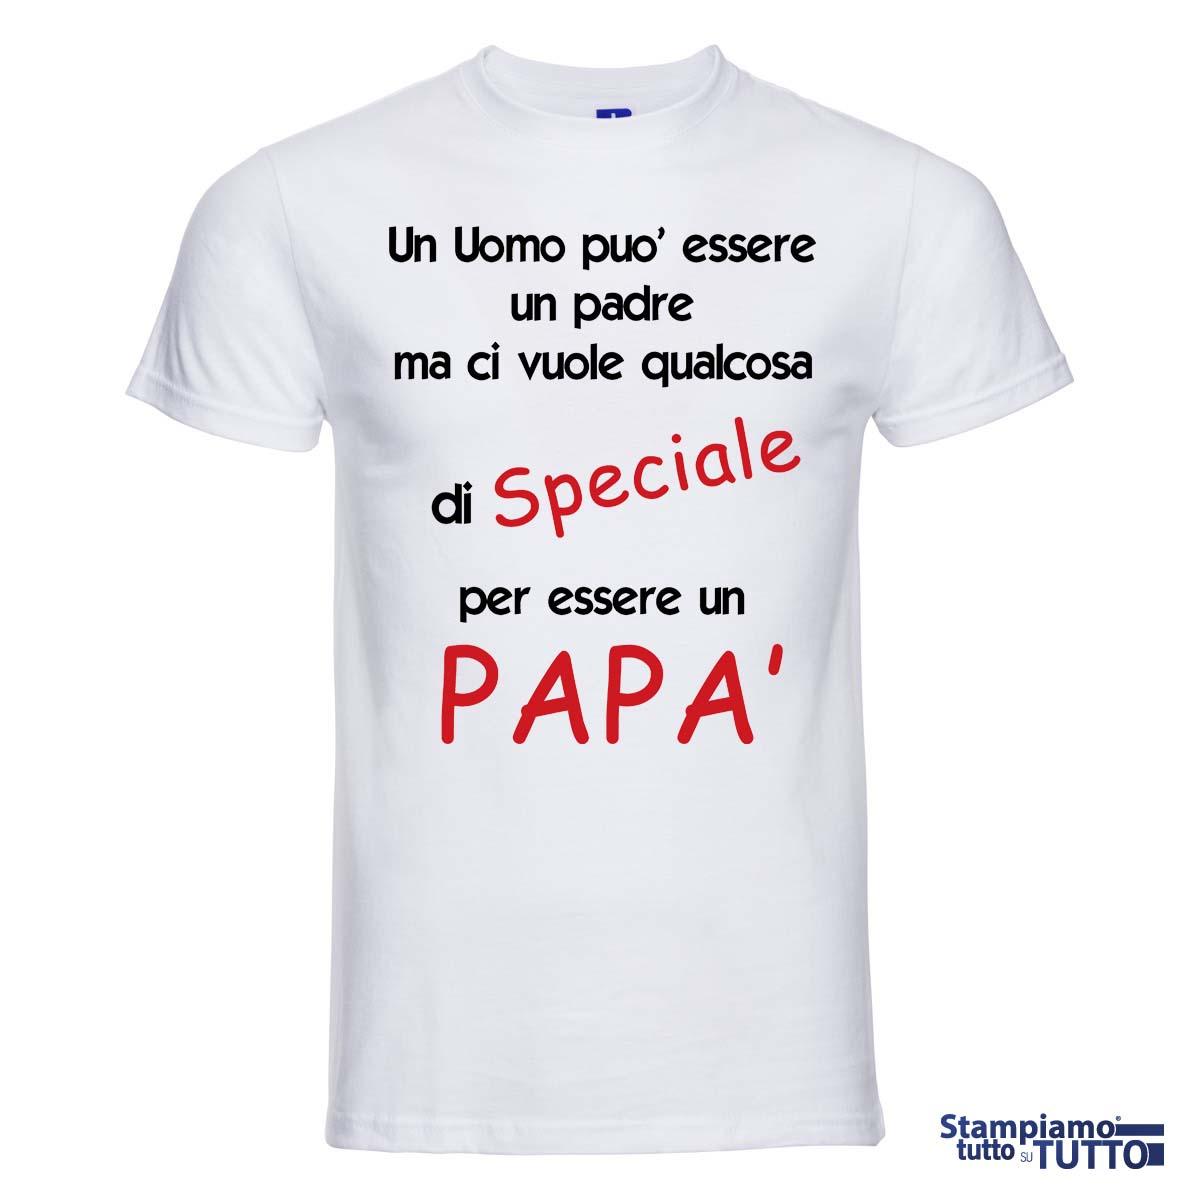 """T-SHIRT """"Un Uomo Può Essere Un Padre Ma Ci Vuole Qualcosa Di Speciale Per Essere Un Papà'"""""""